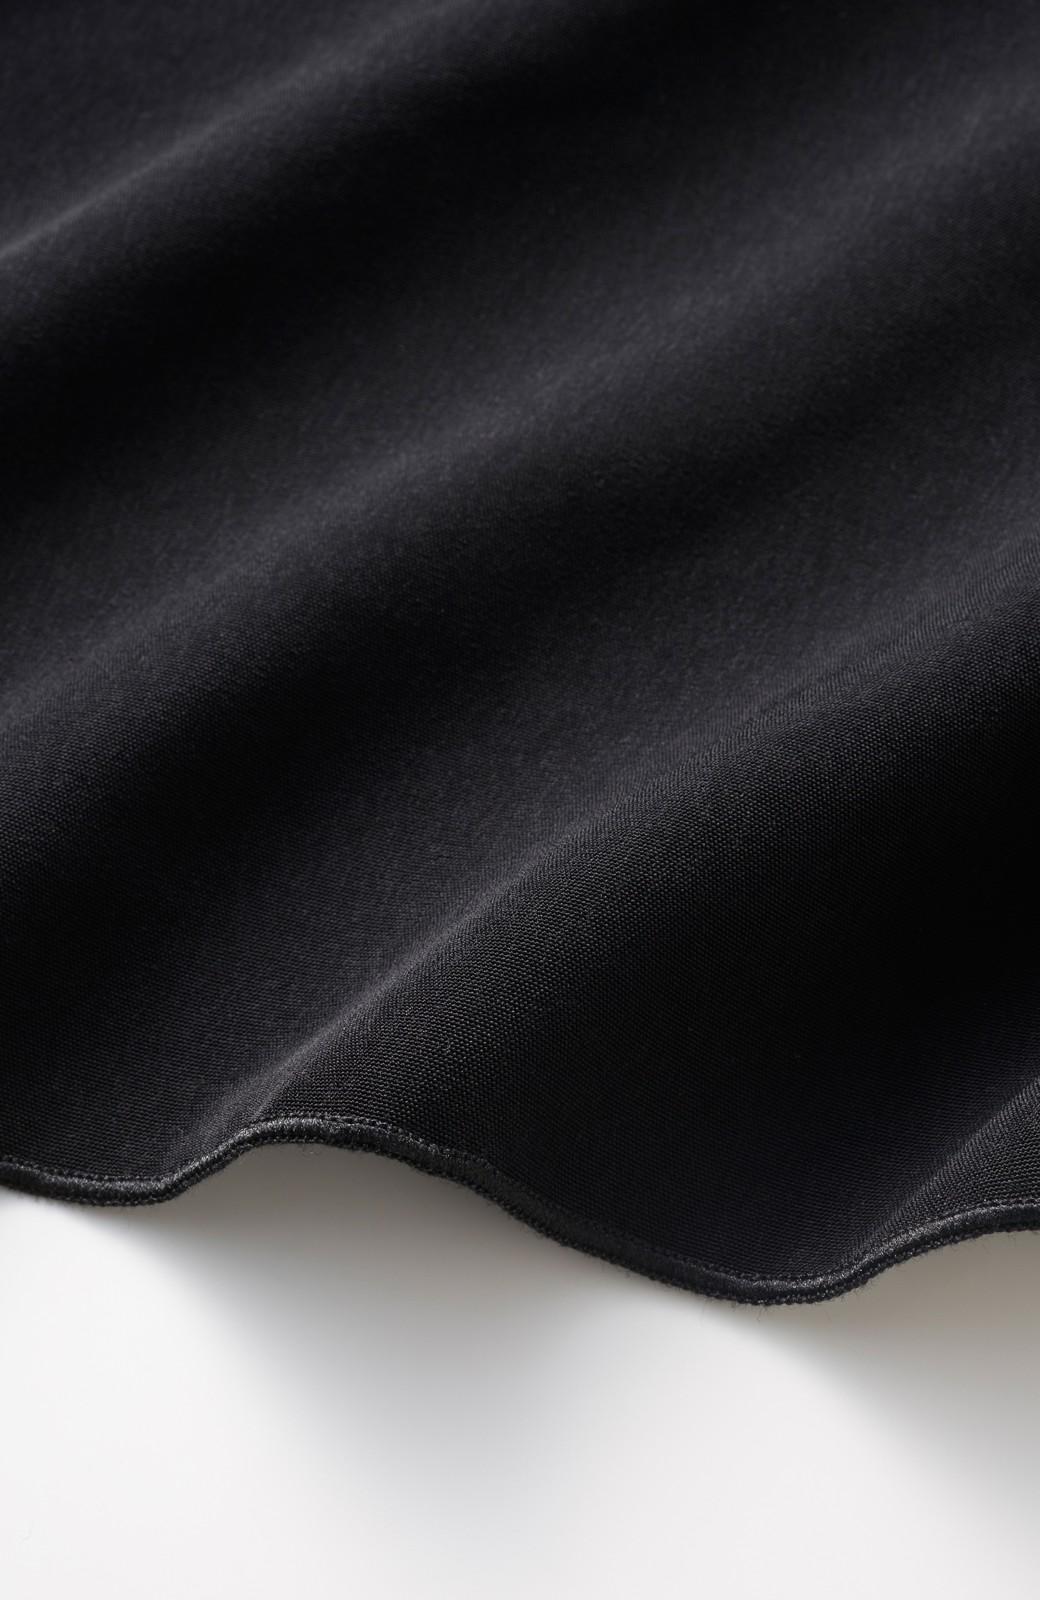 エムトロワ セットアップ風ウエストリボンオールインワン <ブラック>の商品写真2